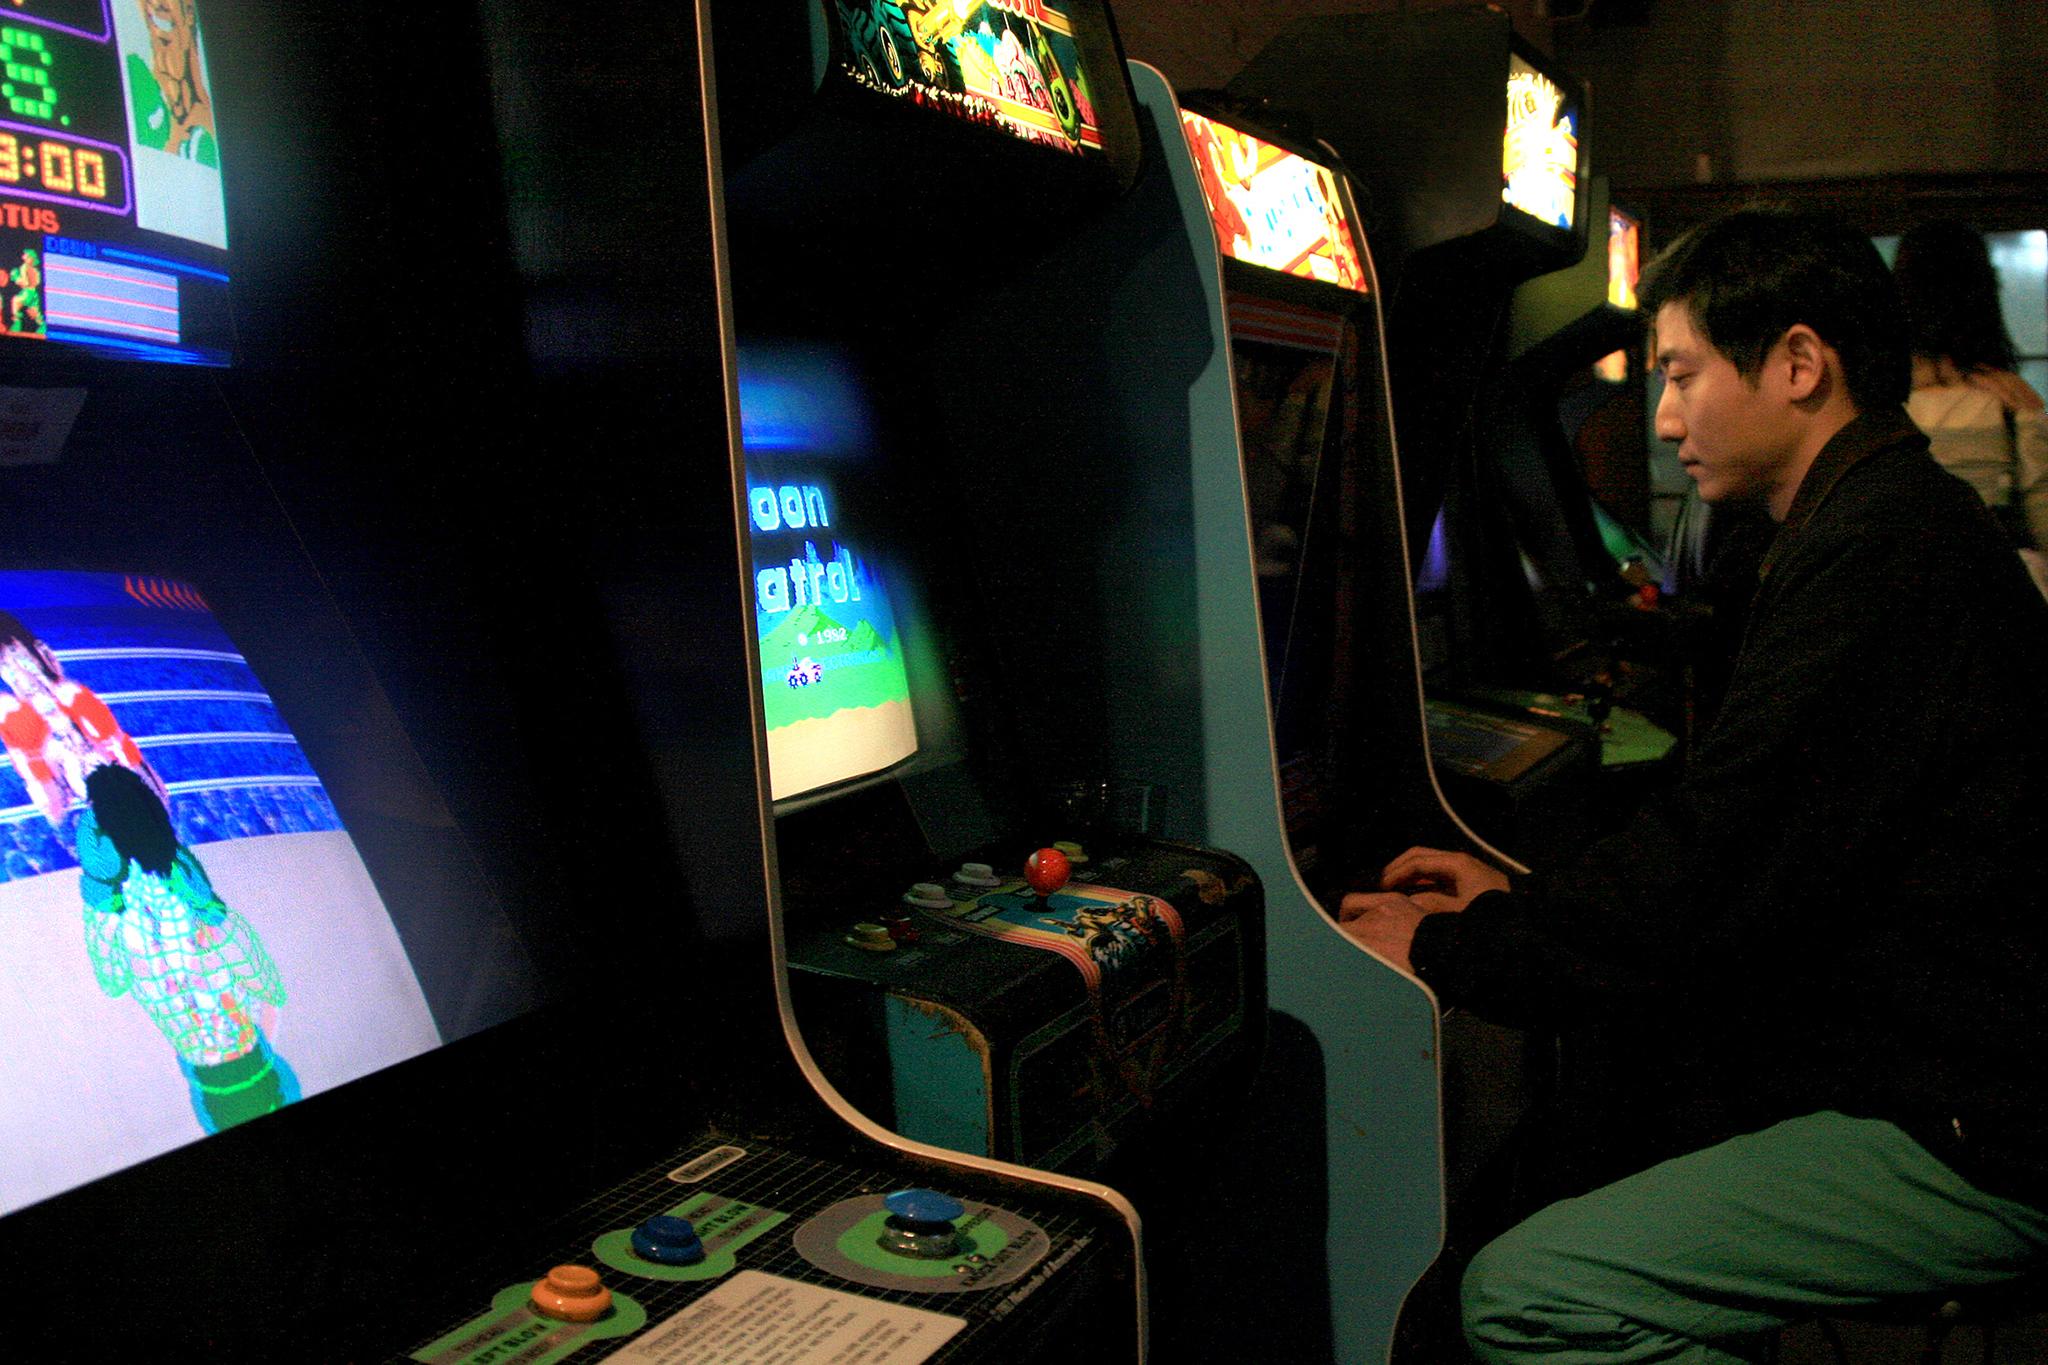 Play video games at Barcade